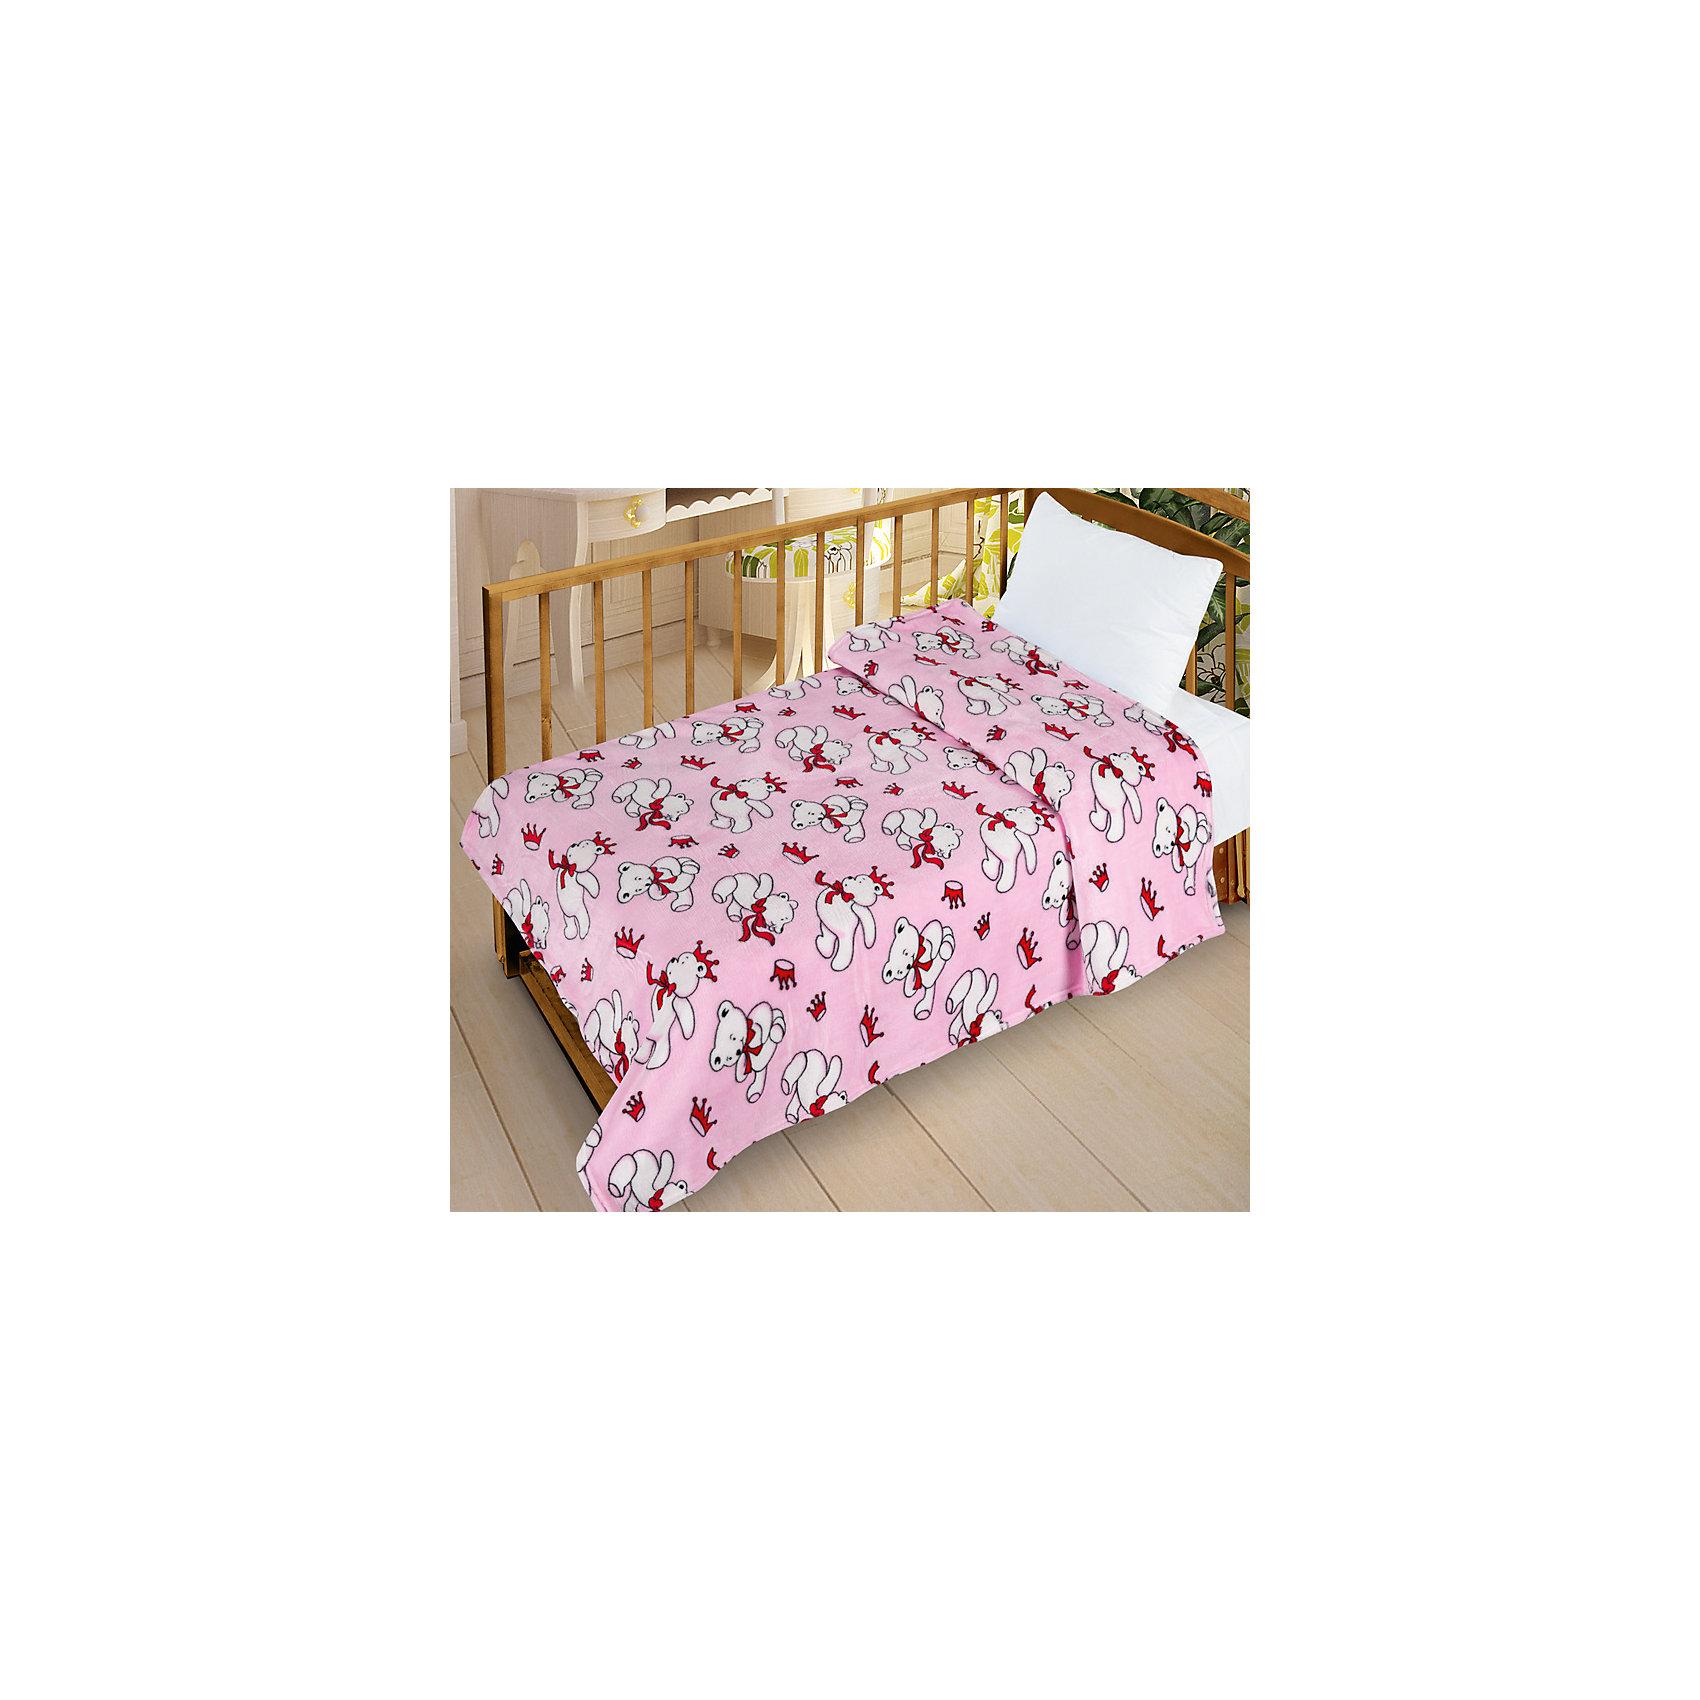 Плед  Велсофт-беби в кроватку VB11, 95х130Домашний текстиль<br>Нежнейший плед в детскую кроватку выполнен из современного материала Велсофт -  ткань напоминает на ощупь плюшевую игрушку. Материал гипоаллергенен, плед легкий и в то же время теплый. Приятна расцветка пледа создаст в детской комнате уют и приятную атмосферу. <br><br>Дополнительная информация:<br><br>Размер: 95*130 см<br><br>Плед  Велсофт-беби в кроватку VB11, 95х130 можно купить в нашем магазине.<br><br>Ширина мм: 400<br>Глубина мм: 100<br>Высота мм: 500<br>Вес г: 800<br>Возраст от месяцев: 0<br>Возраст до месяцев: 36<br>Пол: Унисекс<br>Возраст: Детский<br>SKU: 4647773